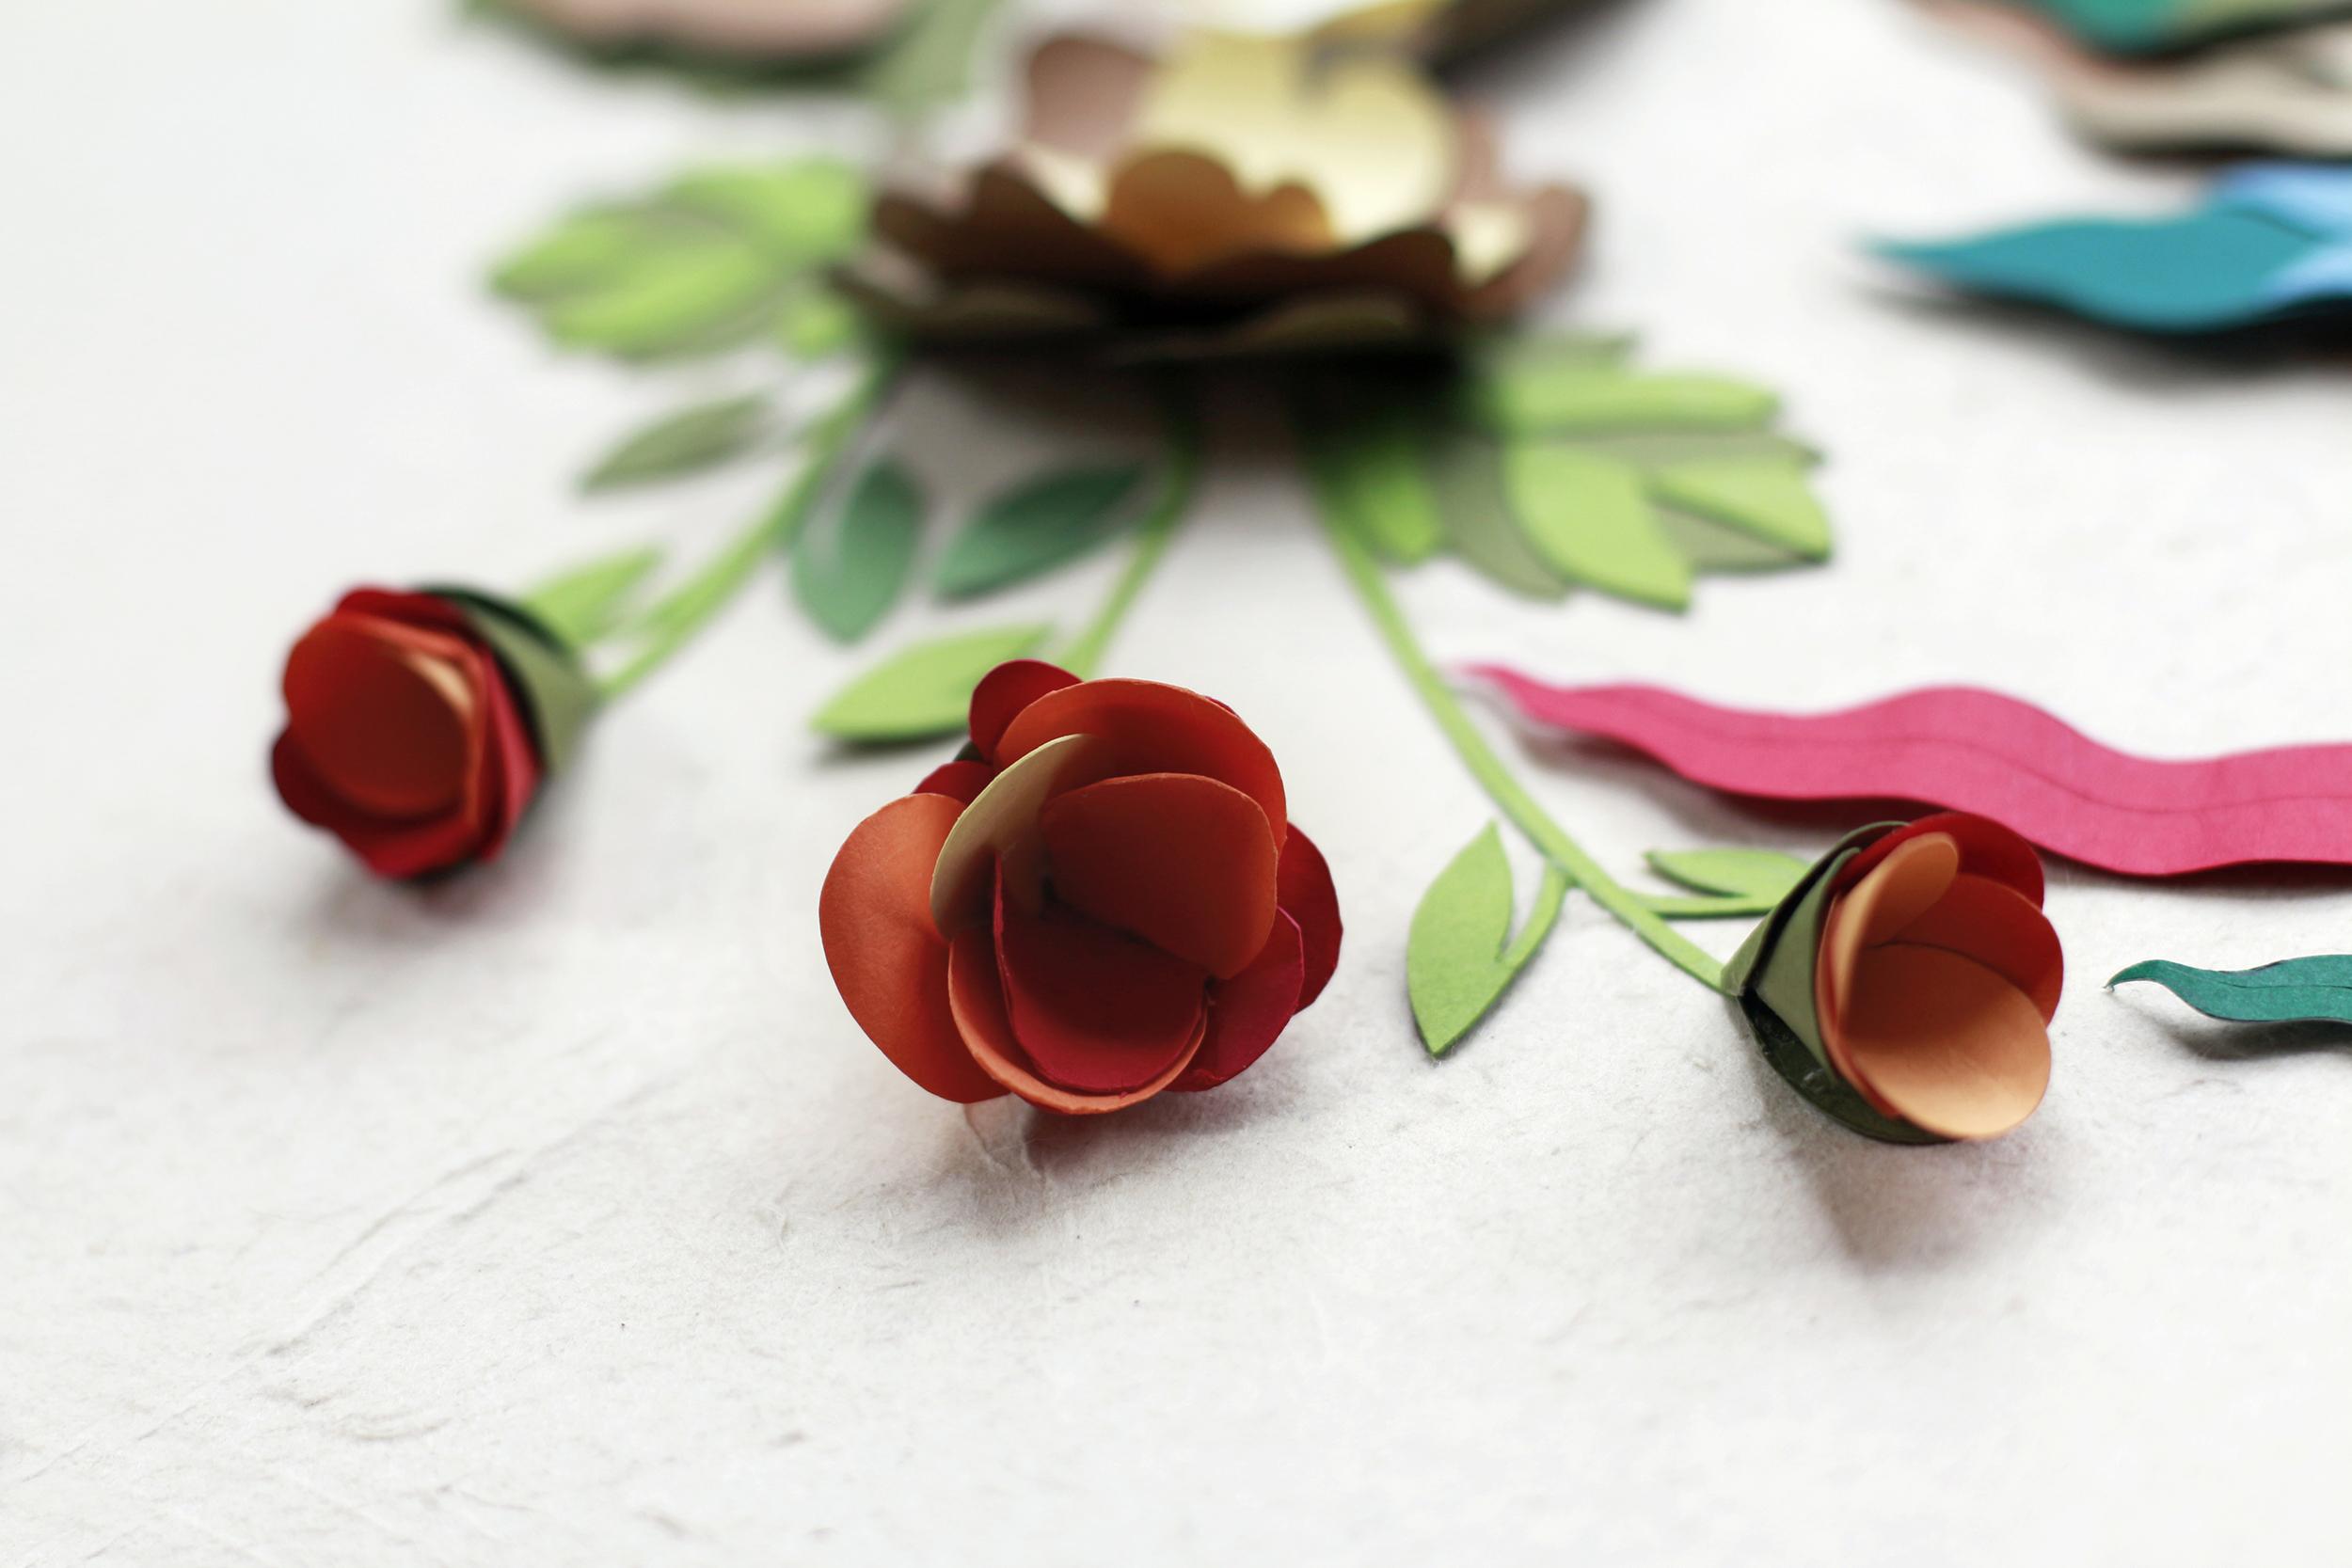 hoa giay ngay tet-hoa dao giay